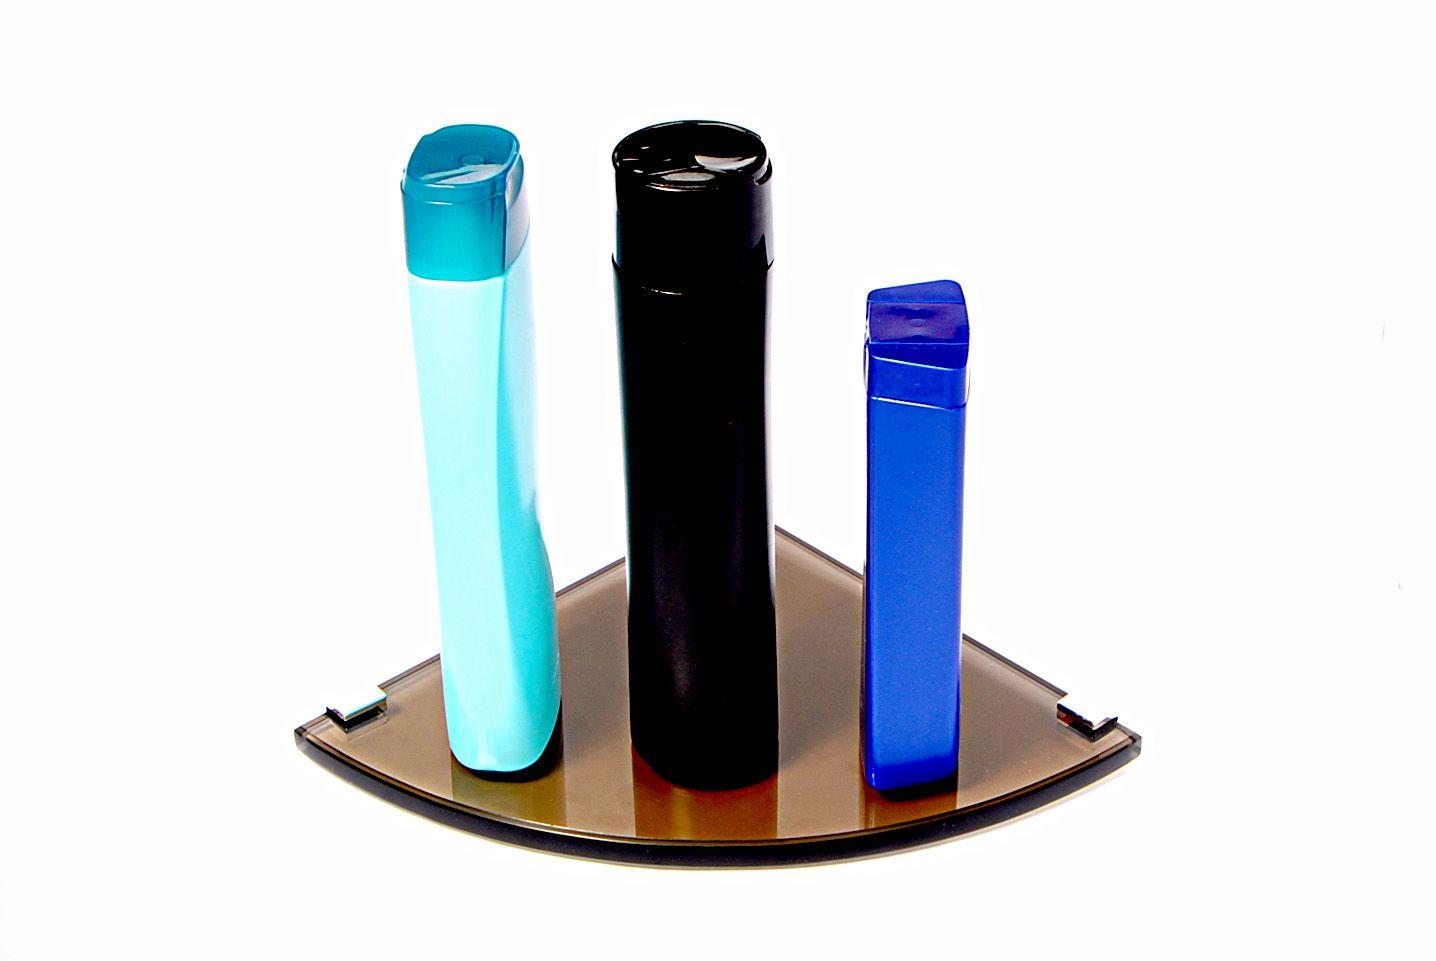 Porta Shampoo Canto Curvo em Vidro Bronze Lapidado - Aquabox  - 20cmx20cmx10mm